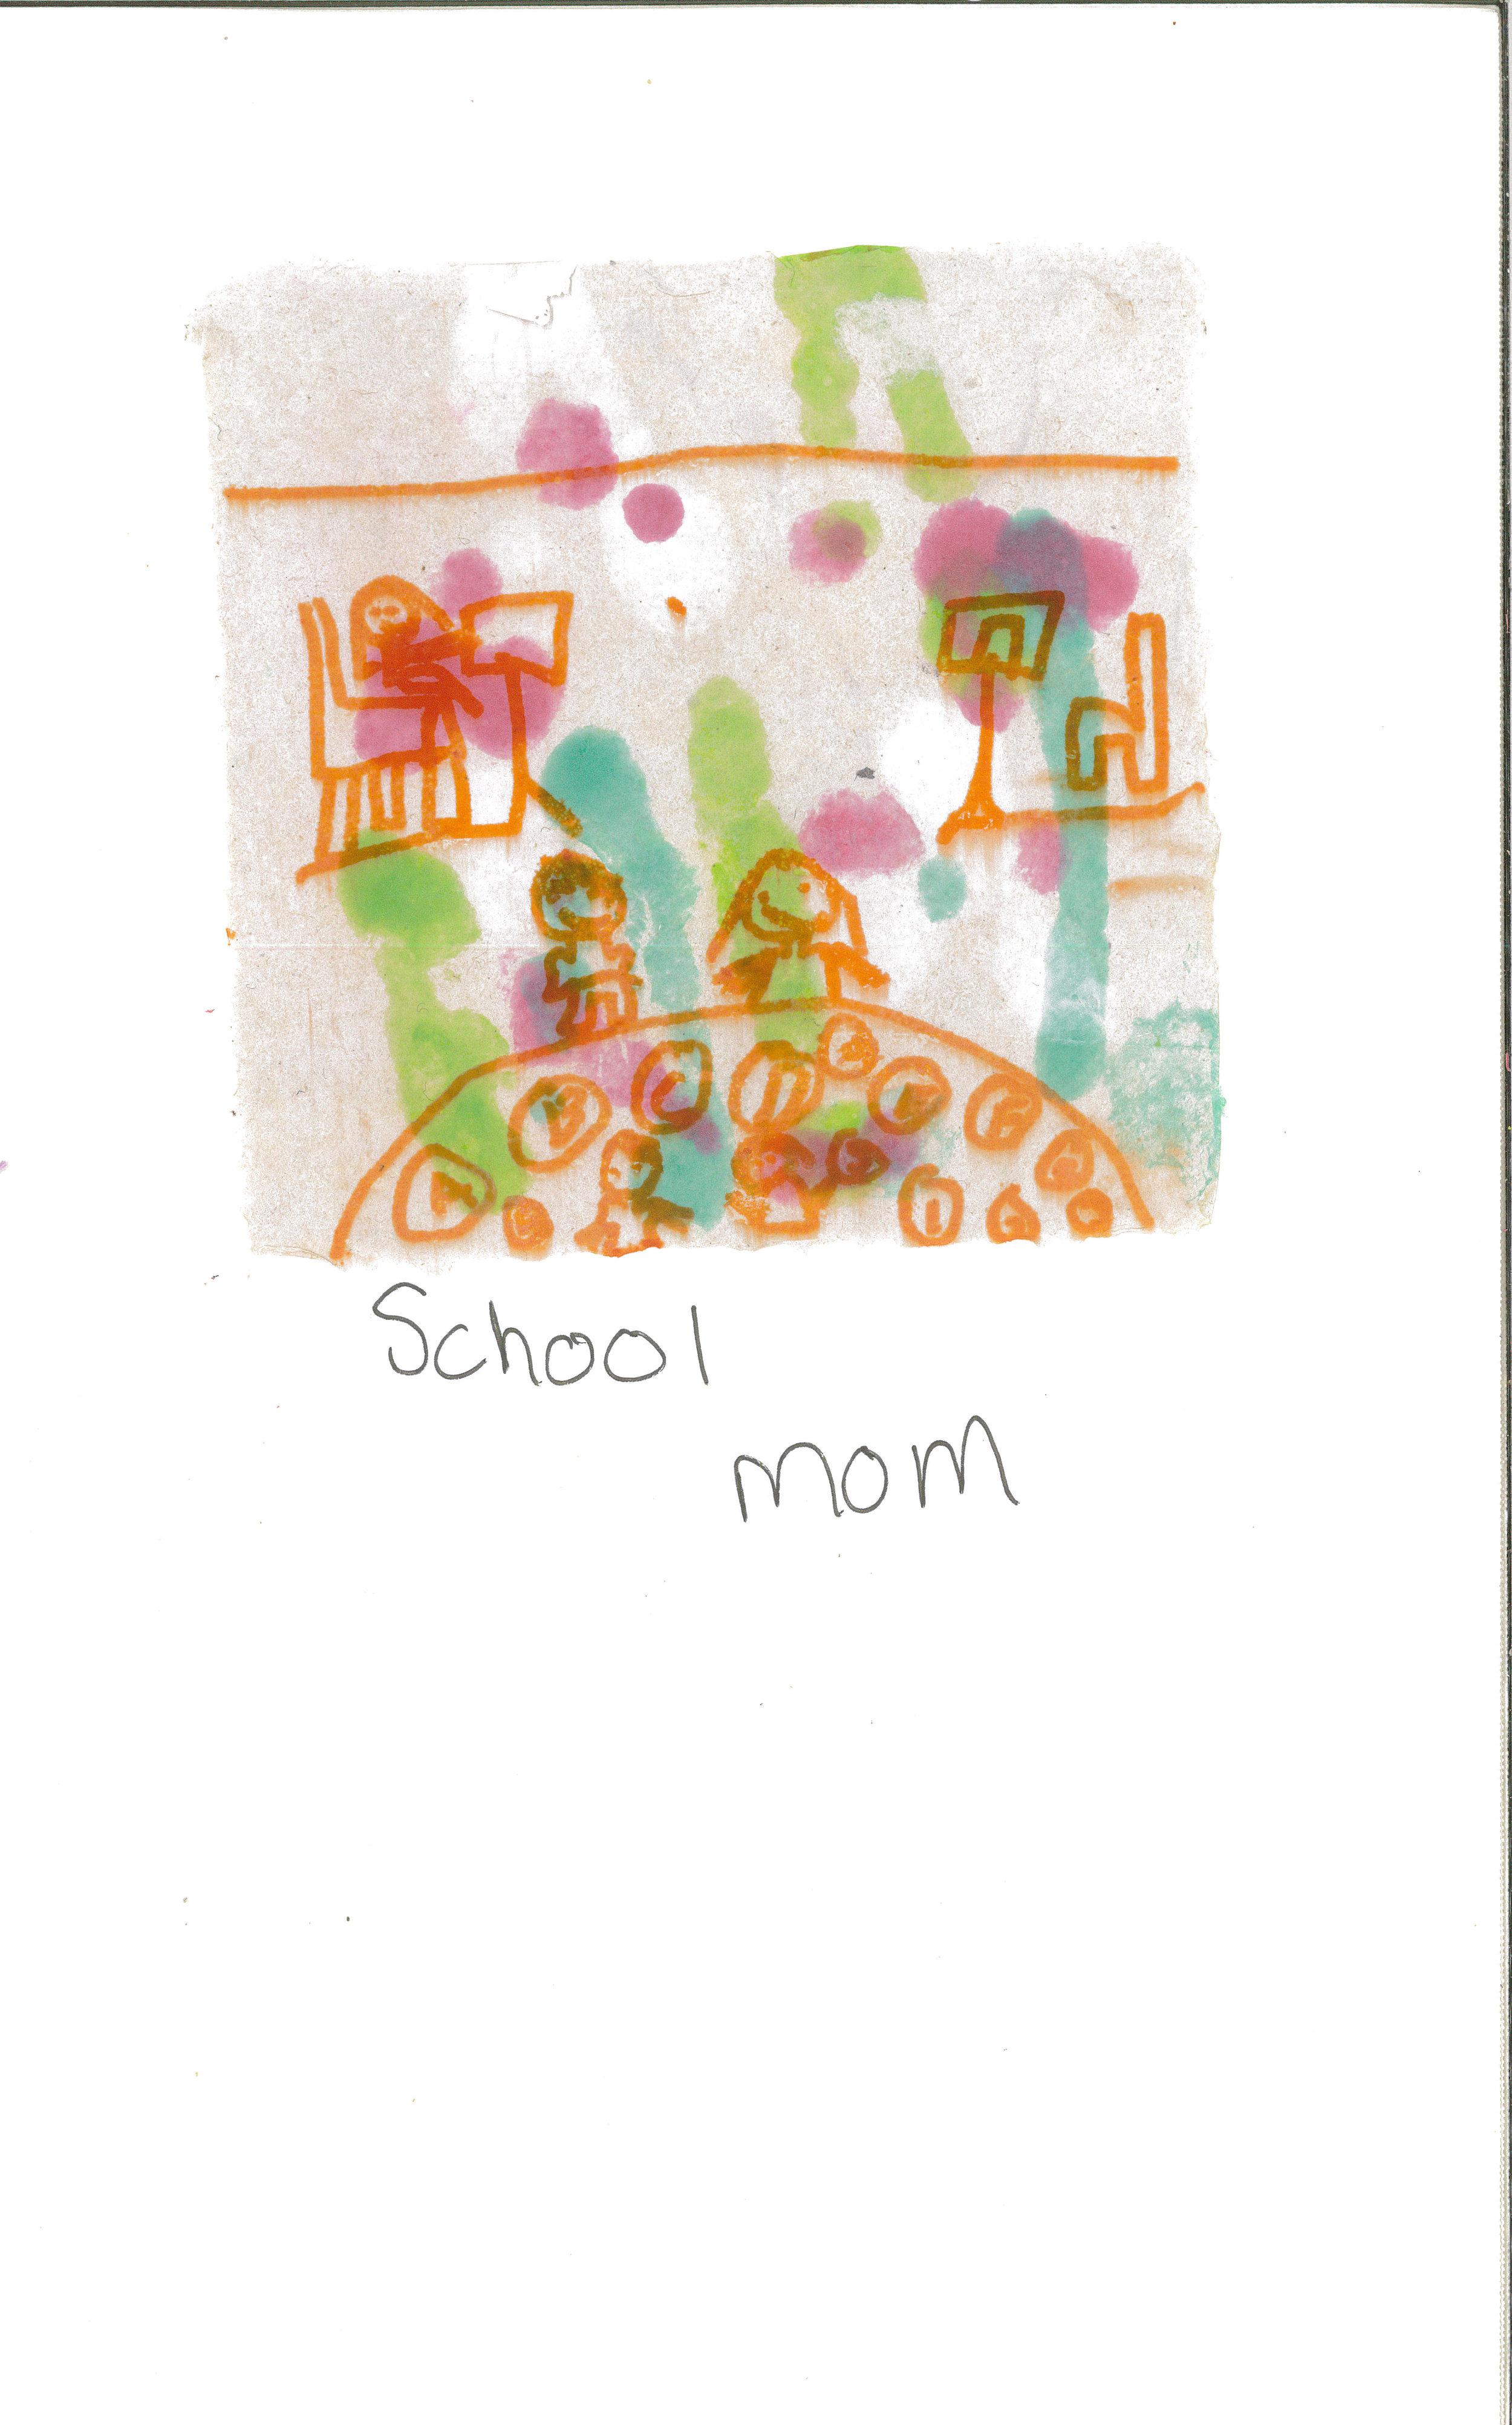 School Mom 5.jpg